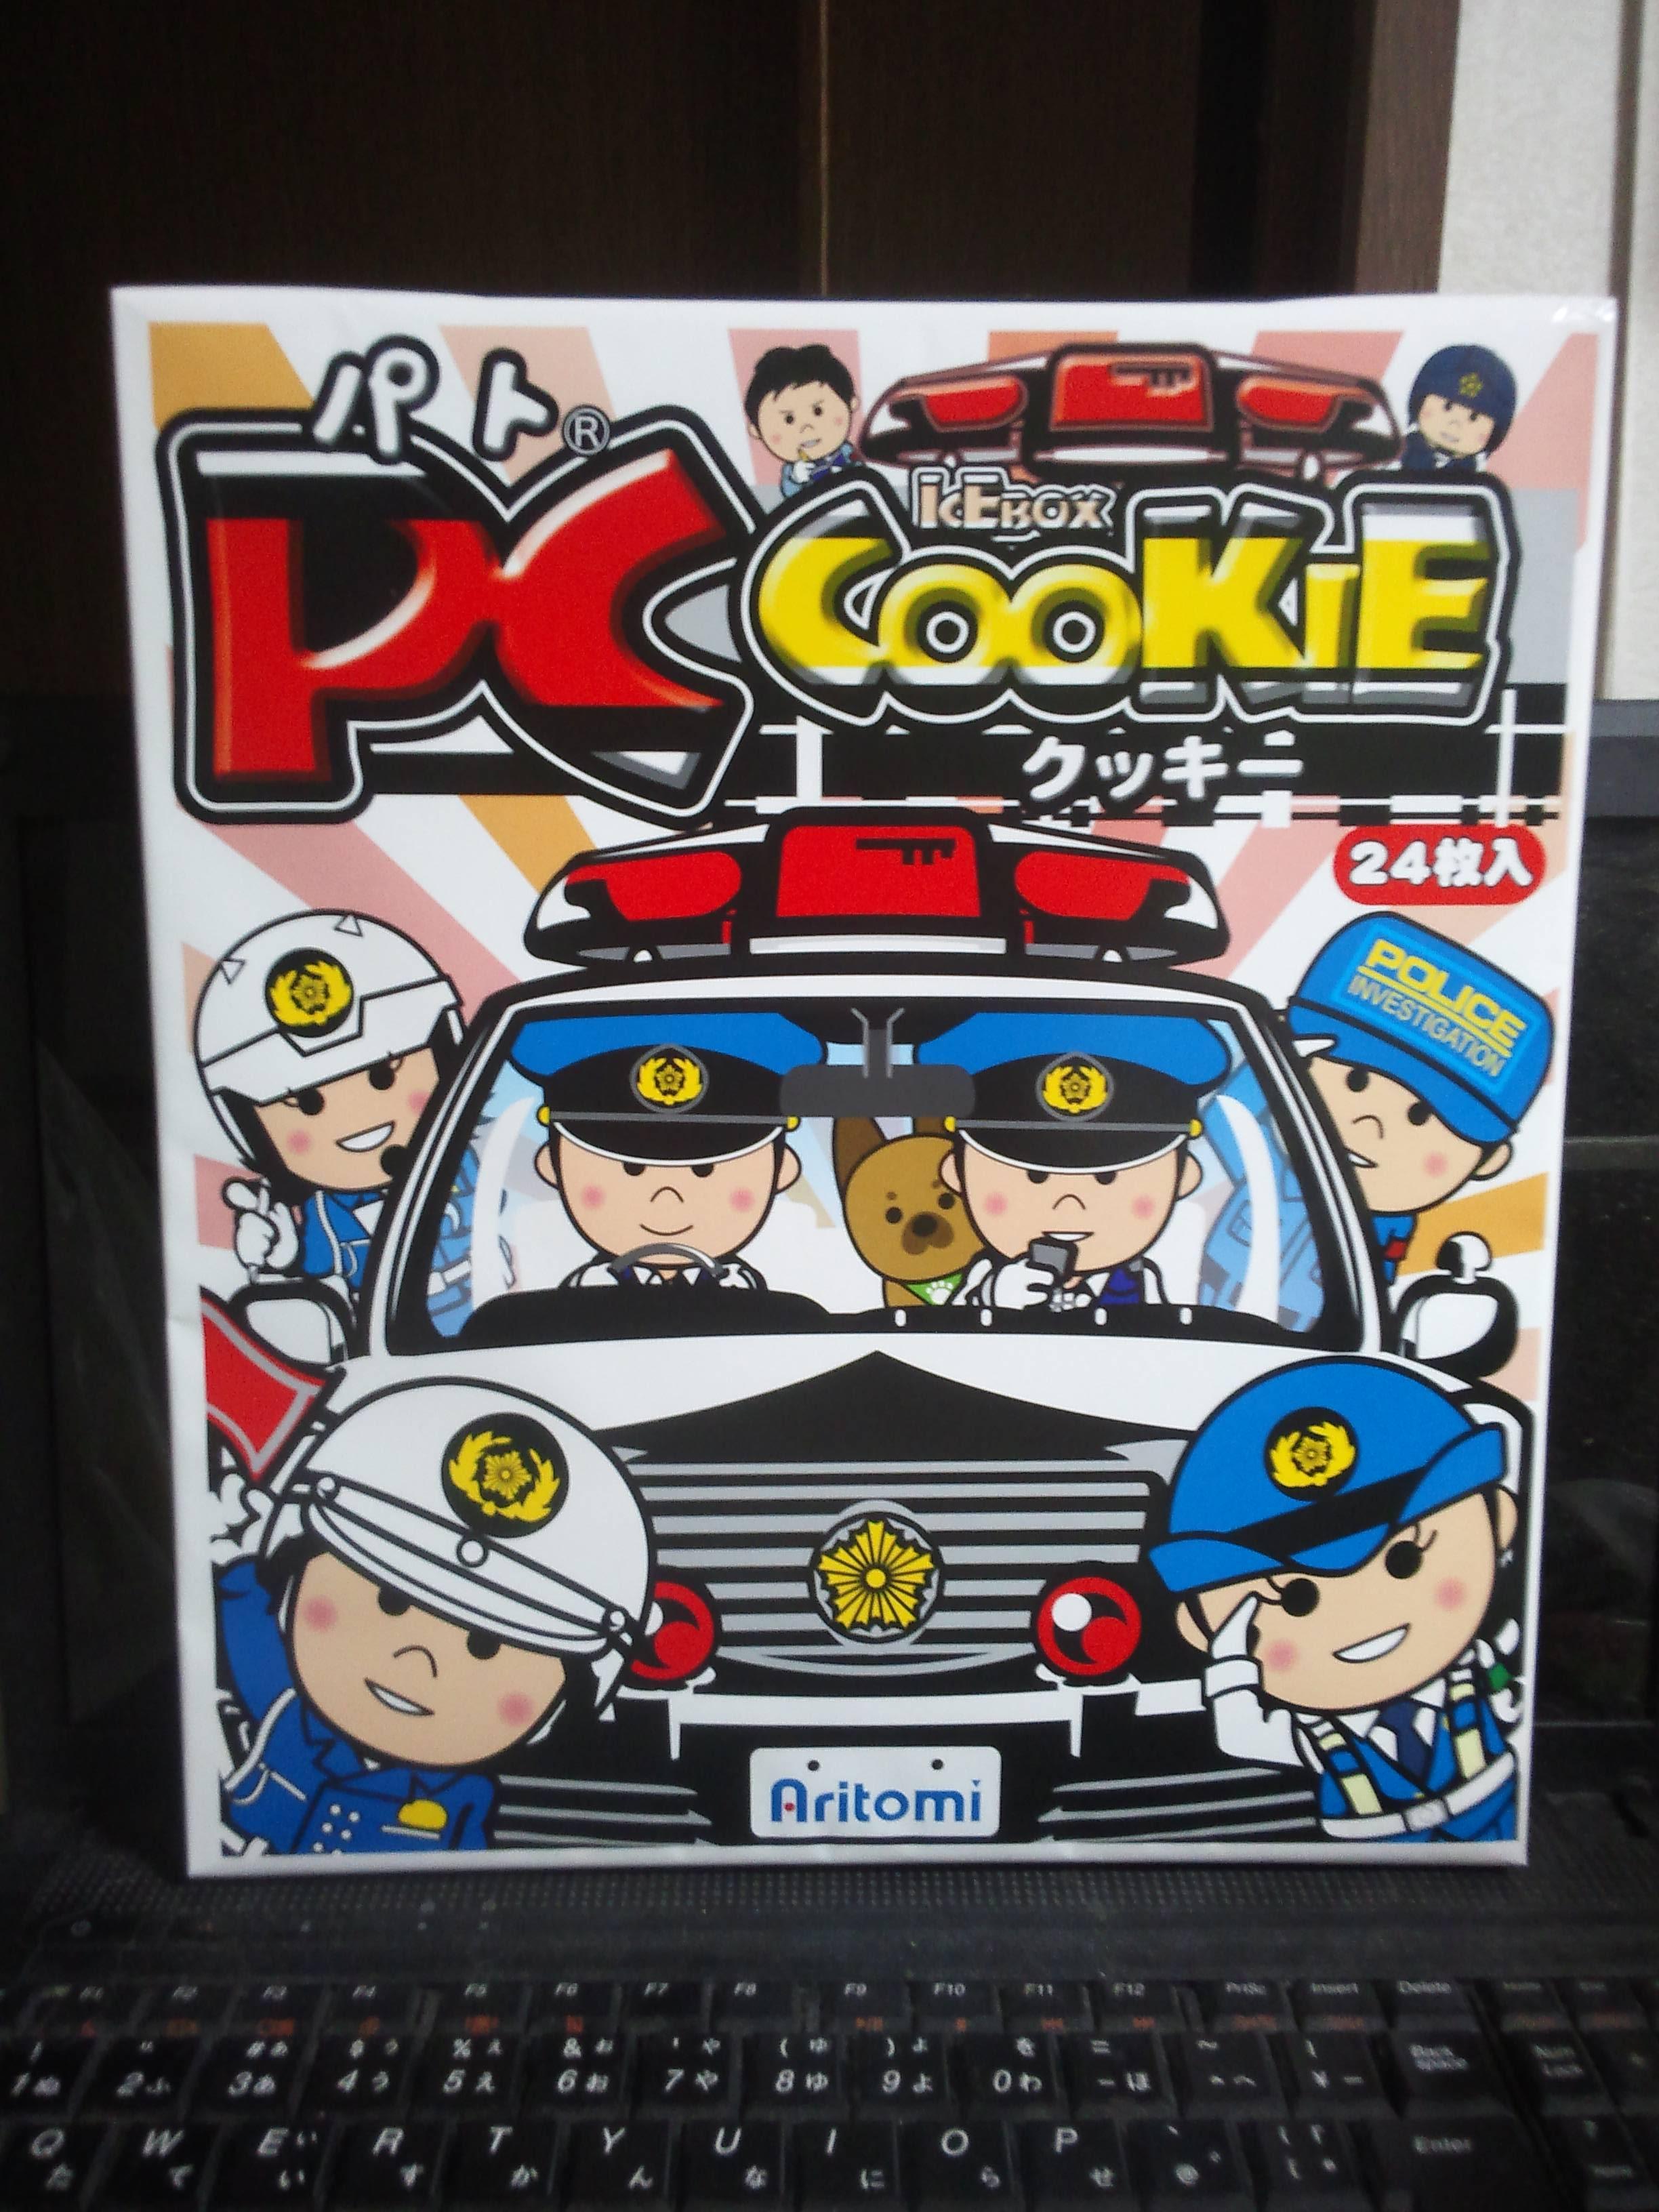 警察クッキー